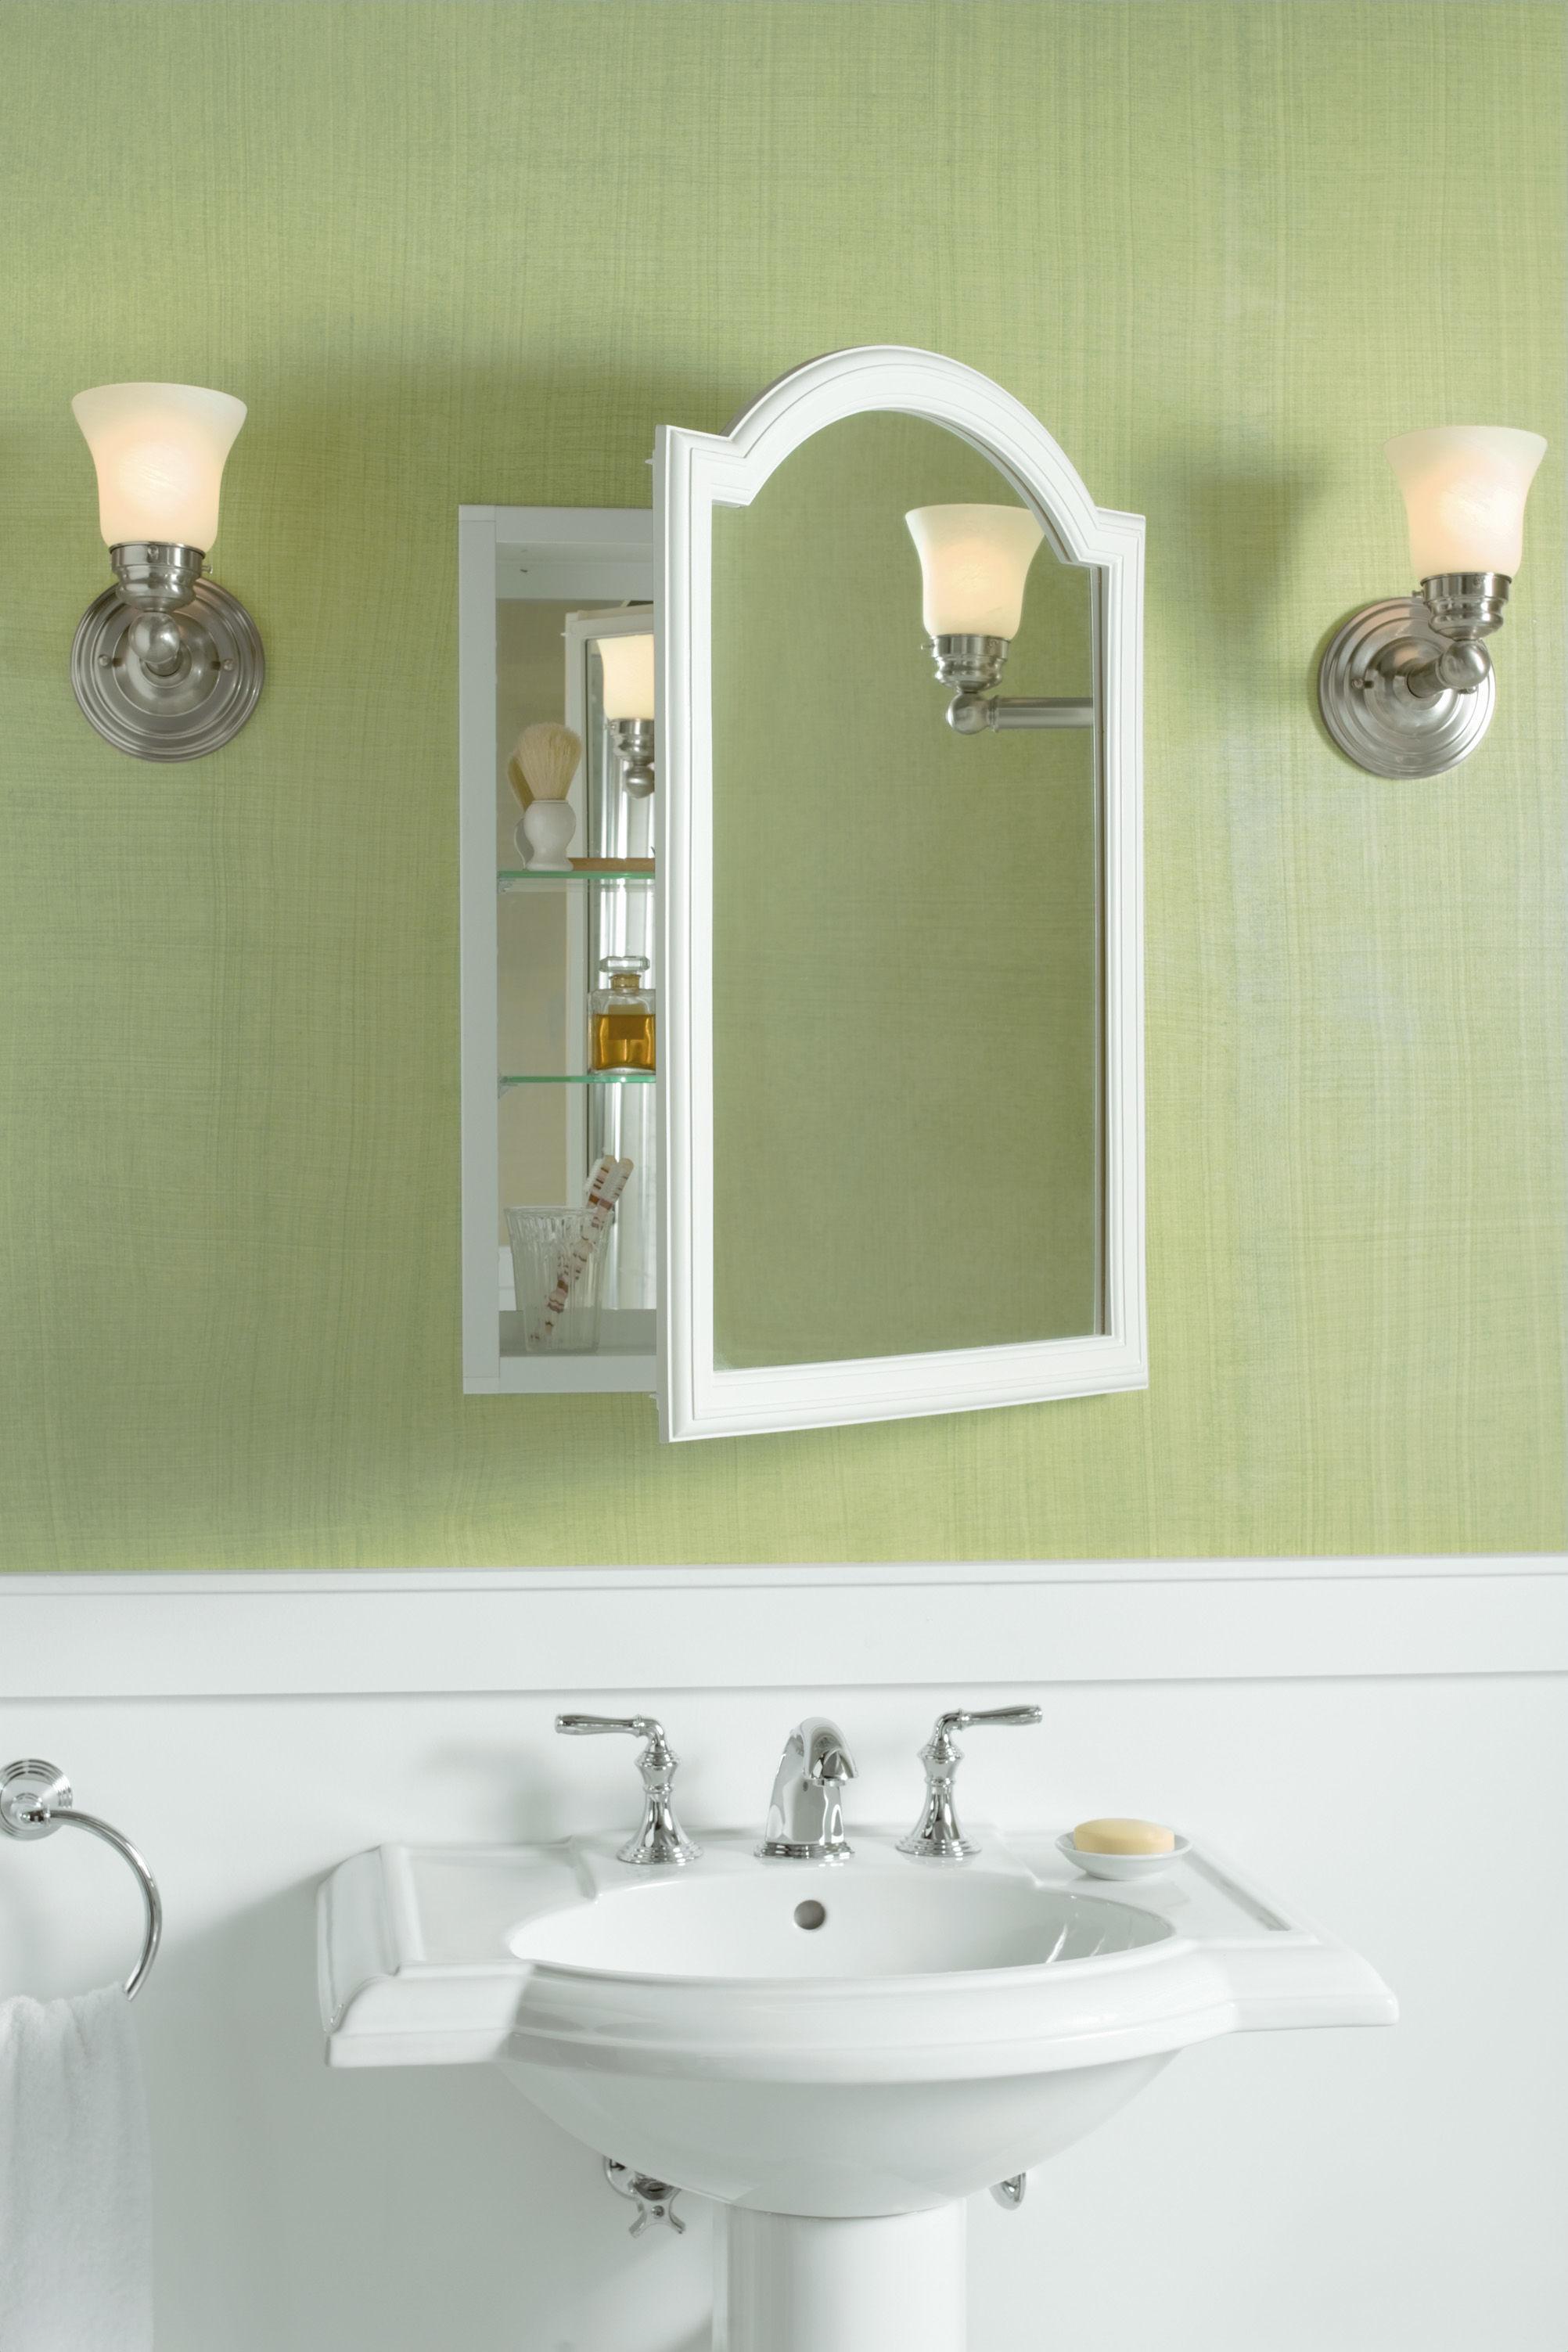 Old Fashioned Kohler Bath Hardware Ornament - Bathtub Design Ideas ...